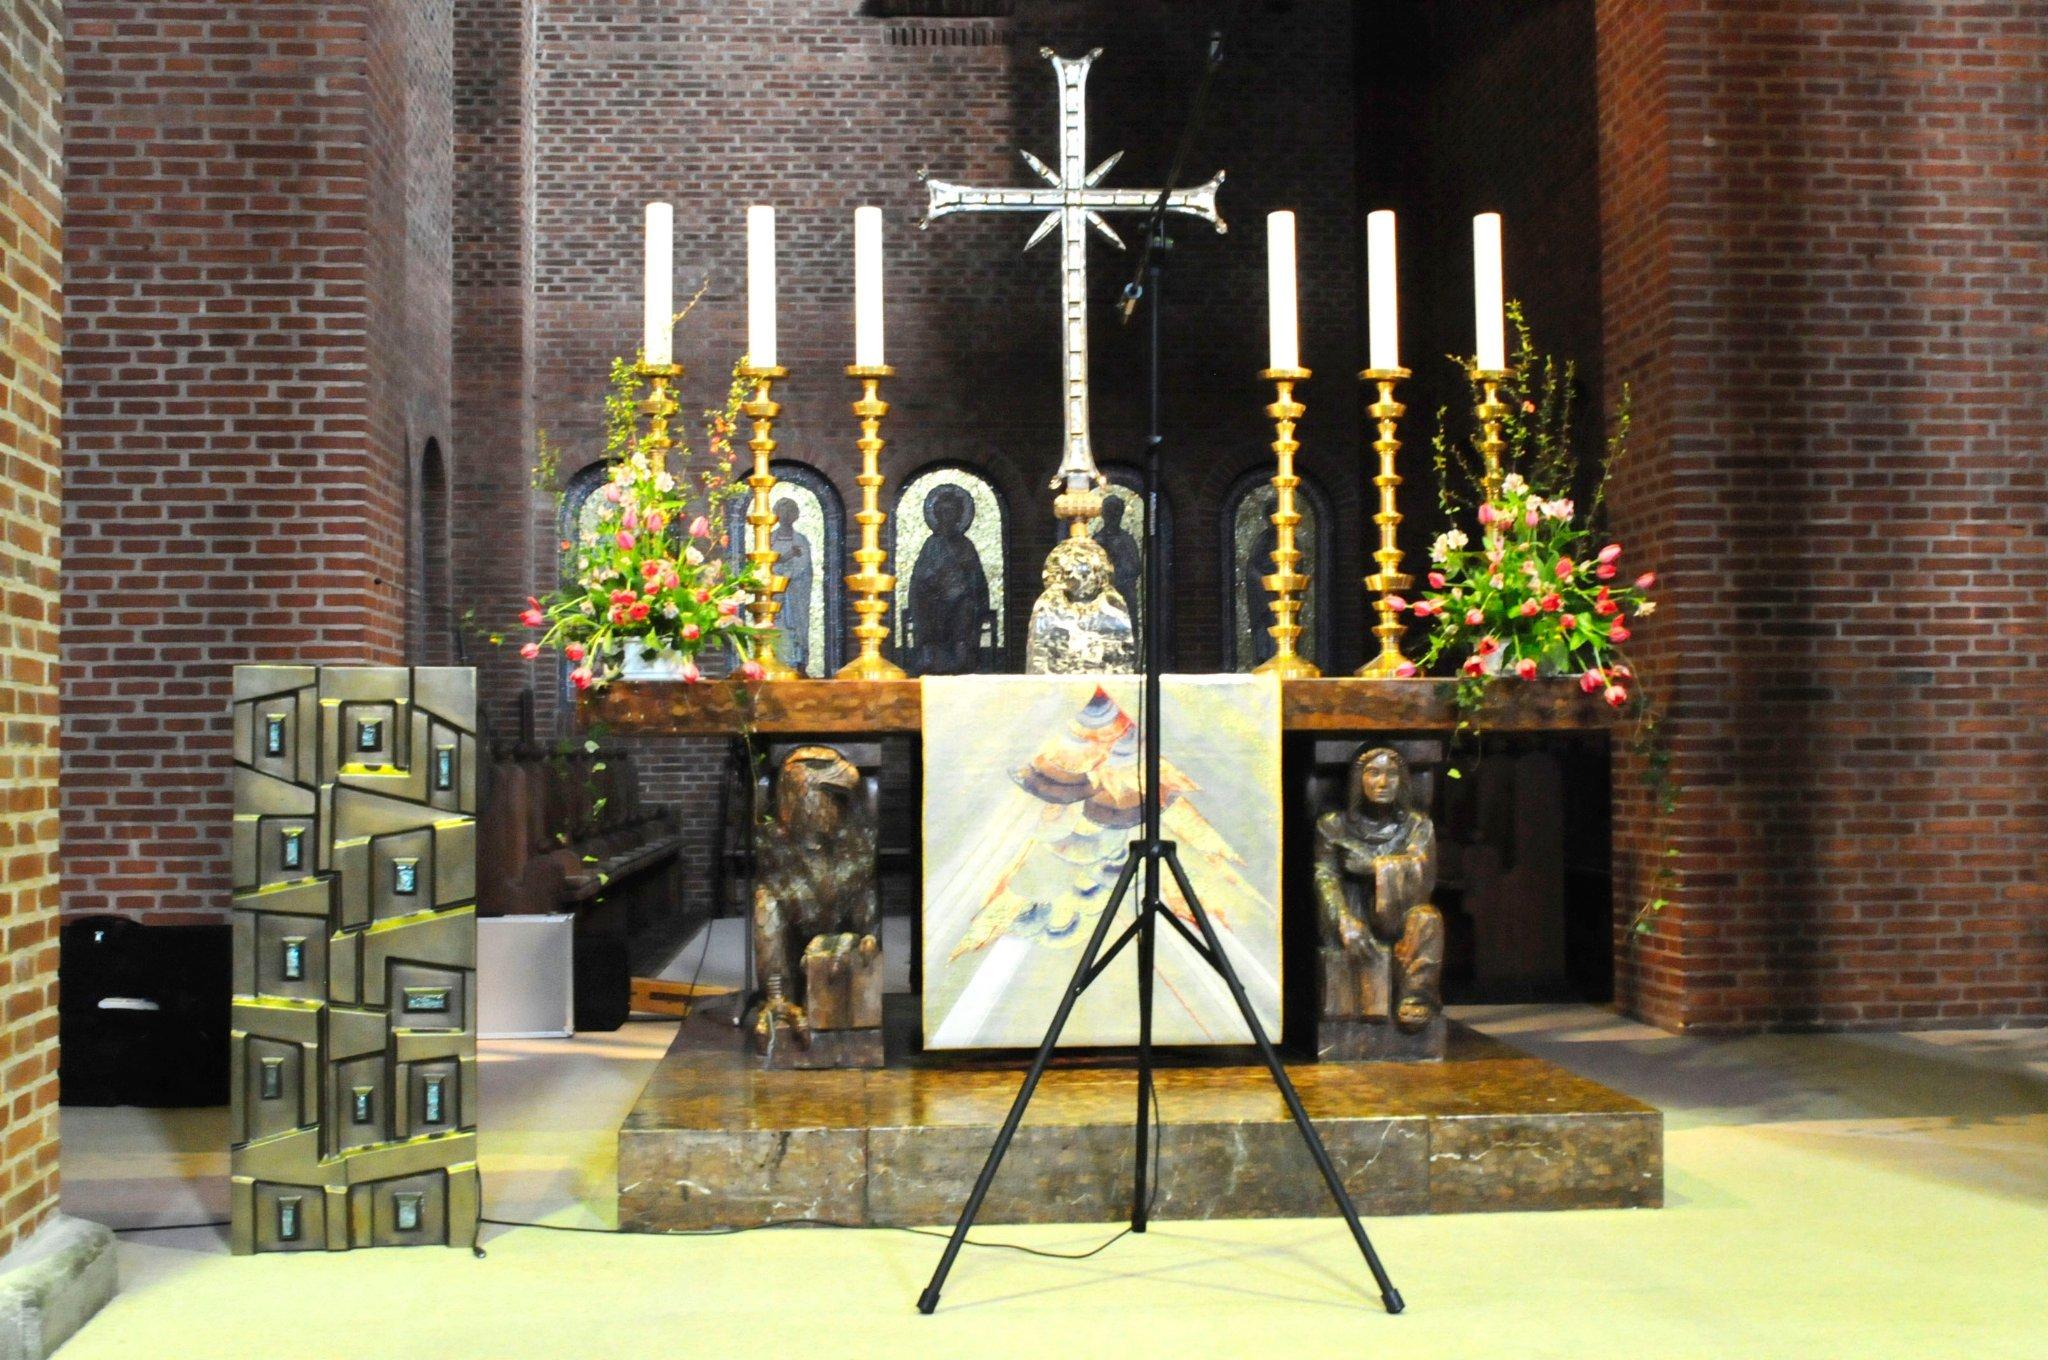 20120422 Reformations Gedaechtniskirche 03